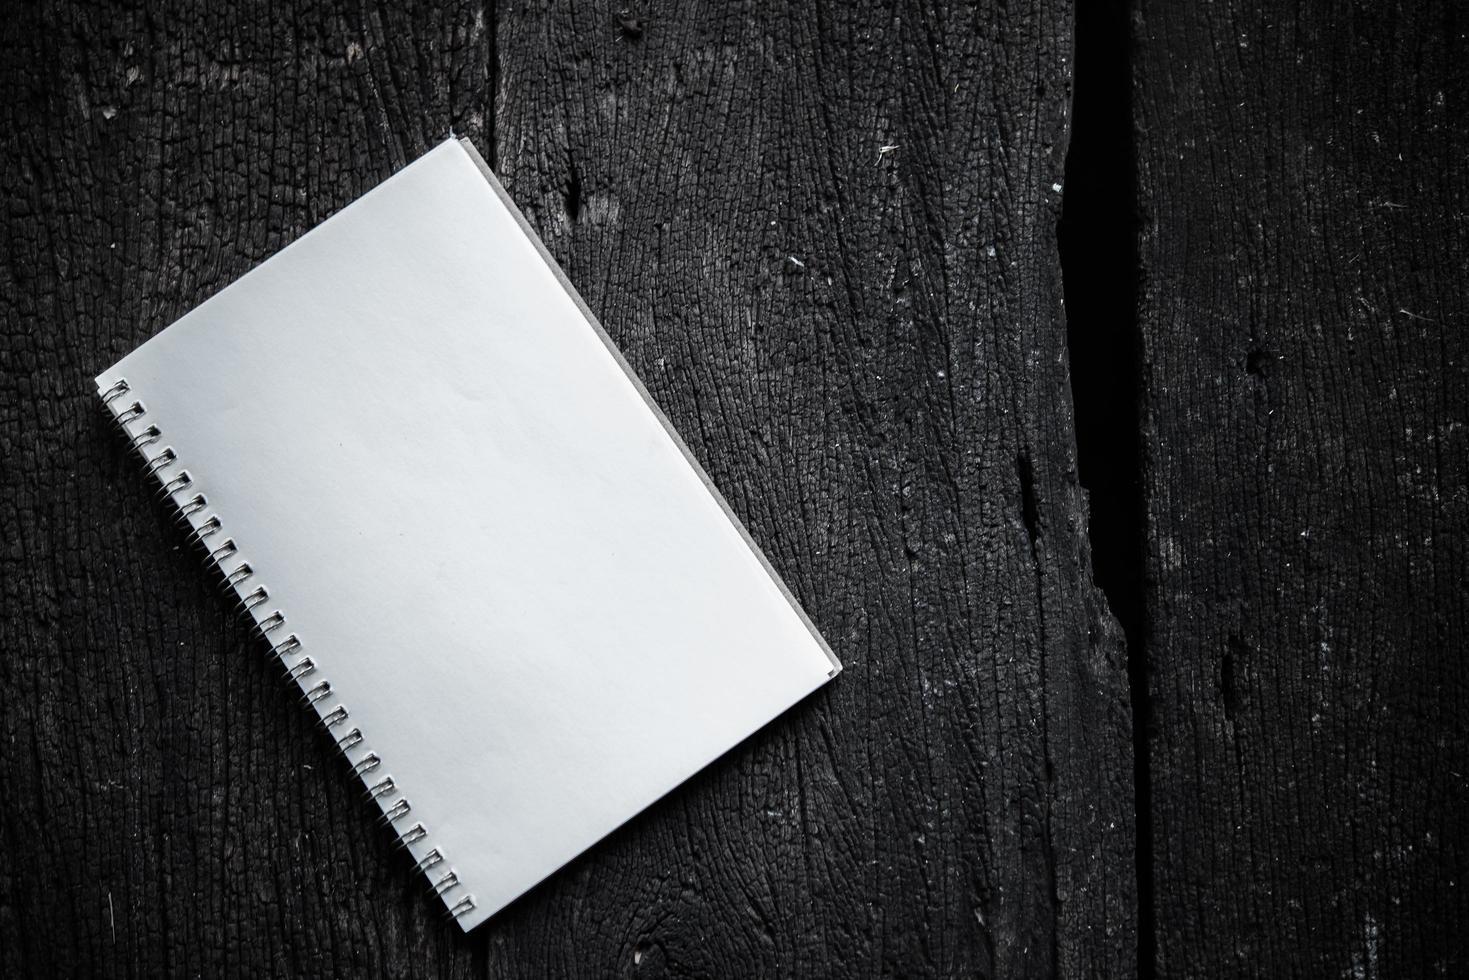 Notizbuch auf Holzbeschaffenheitshintergrund foto